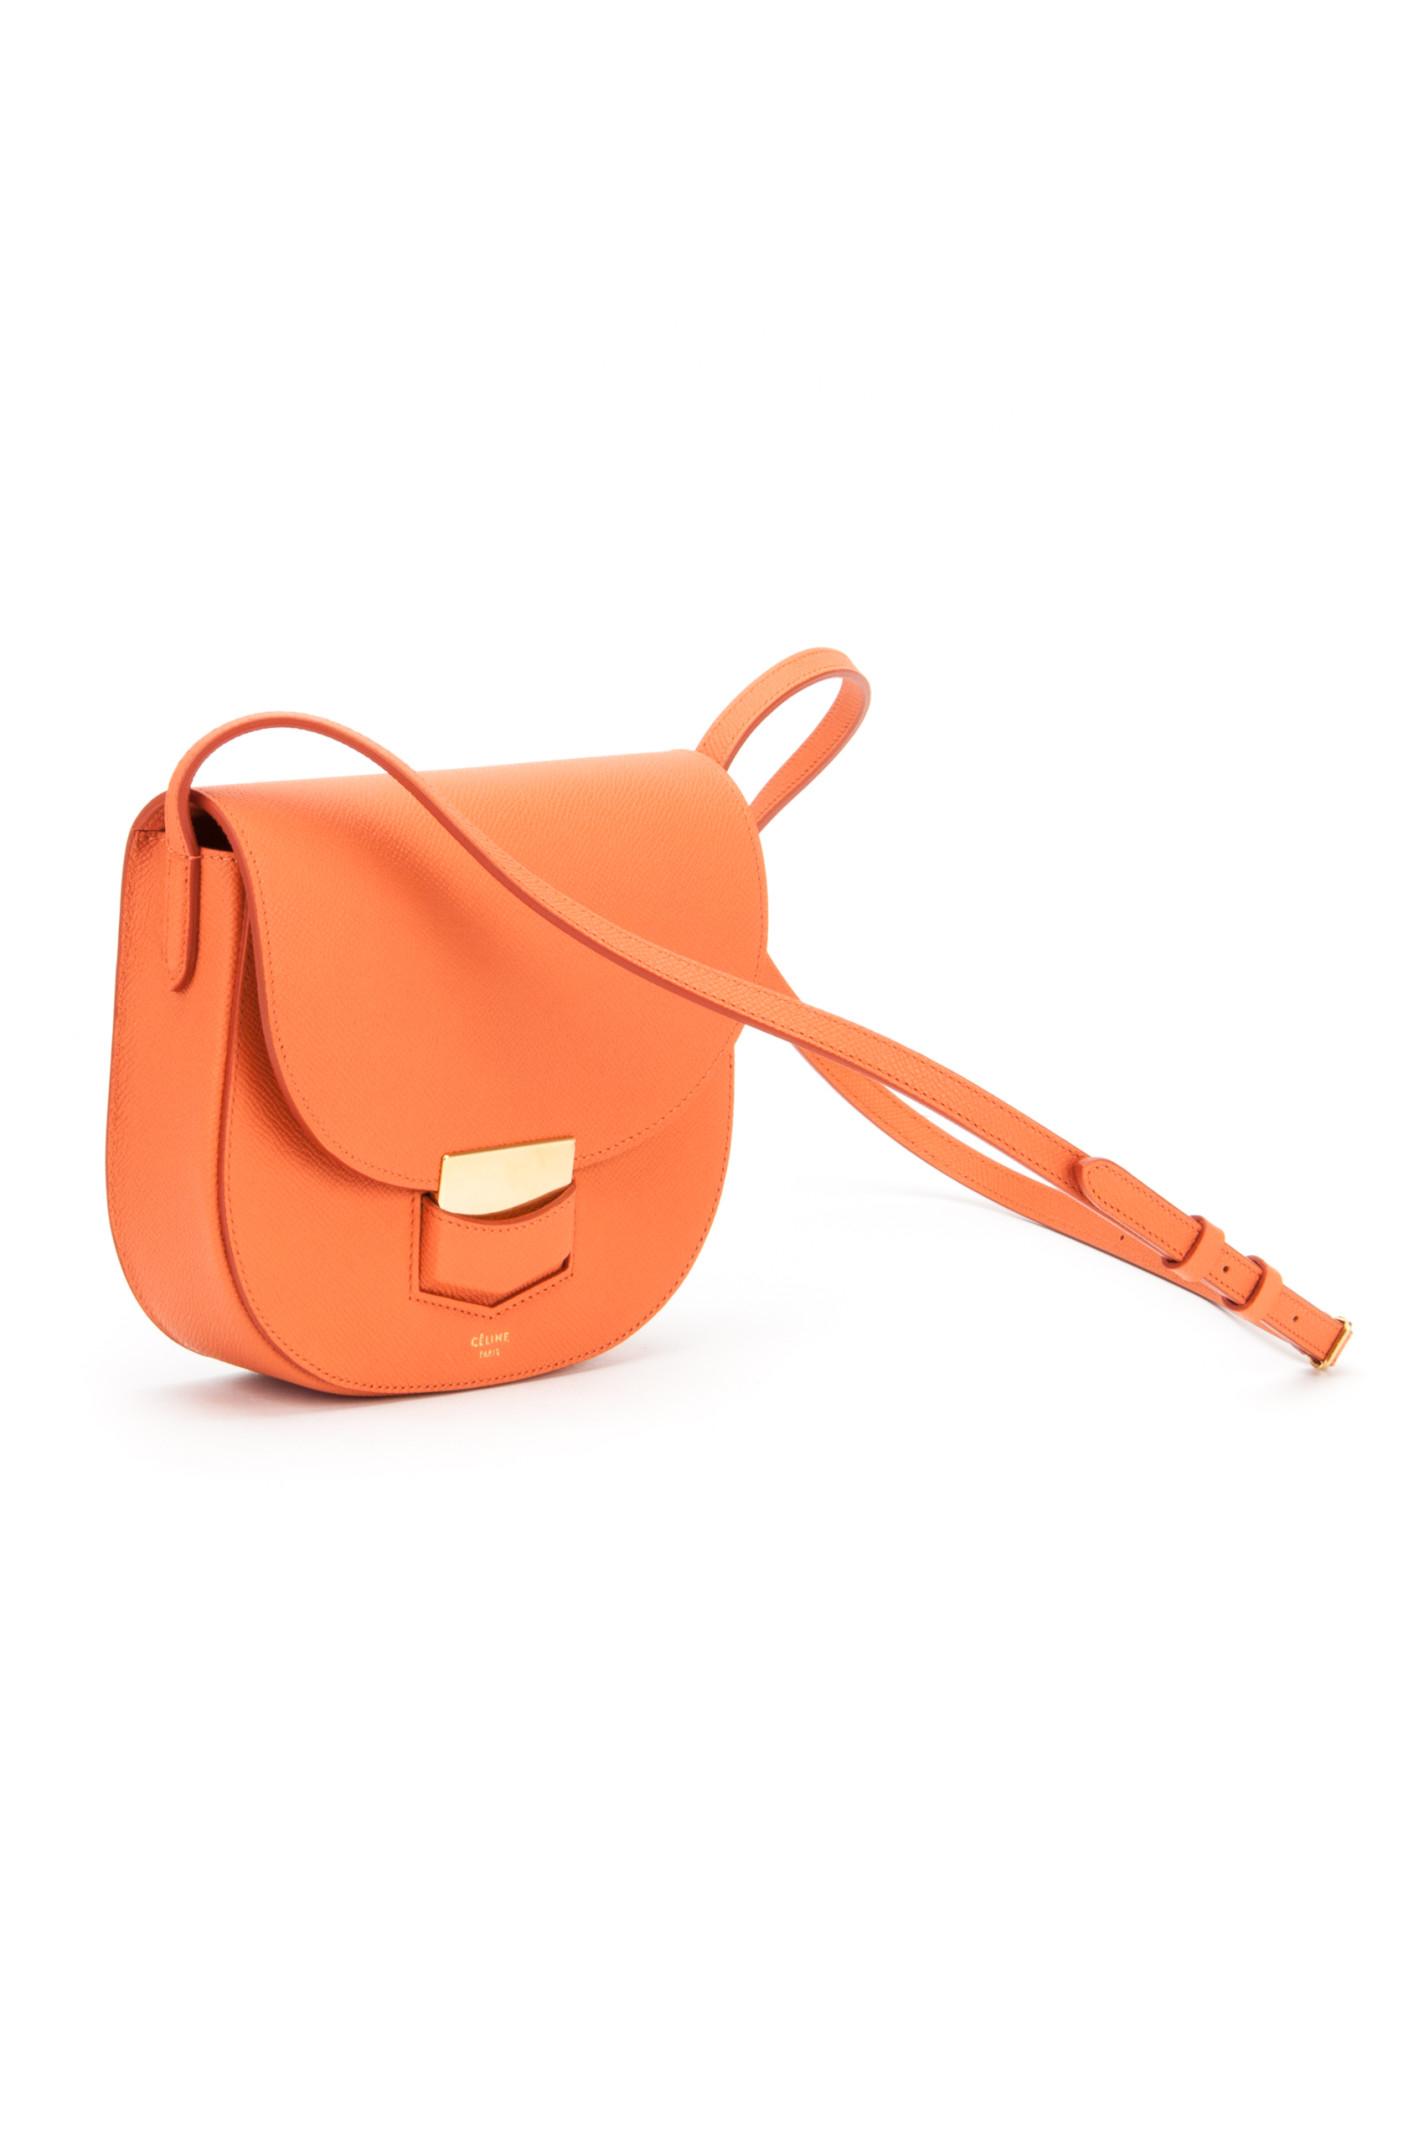 fake celine orange smalls handbag